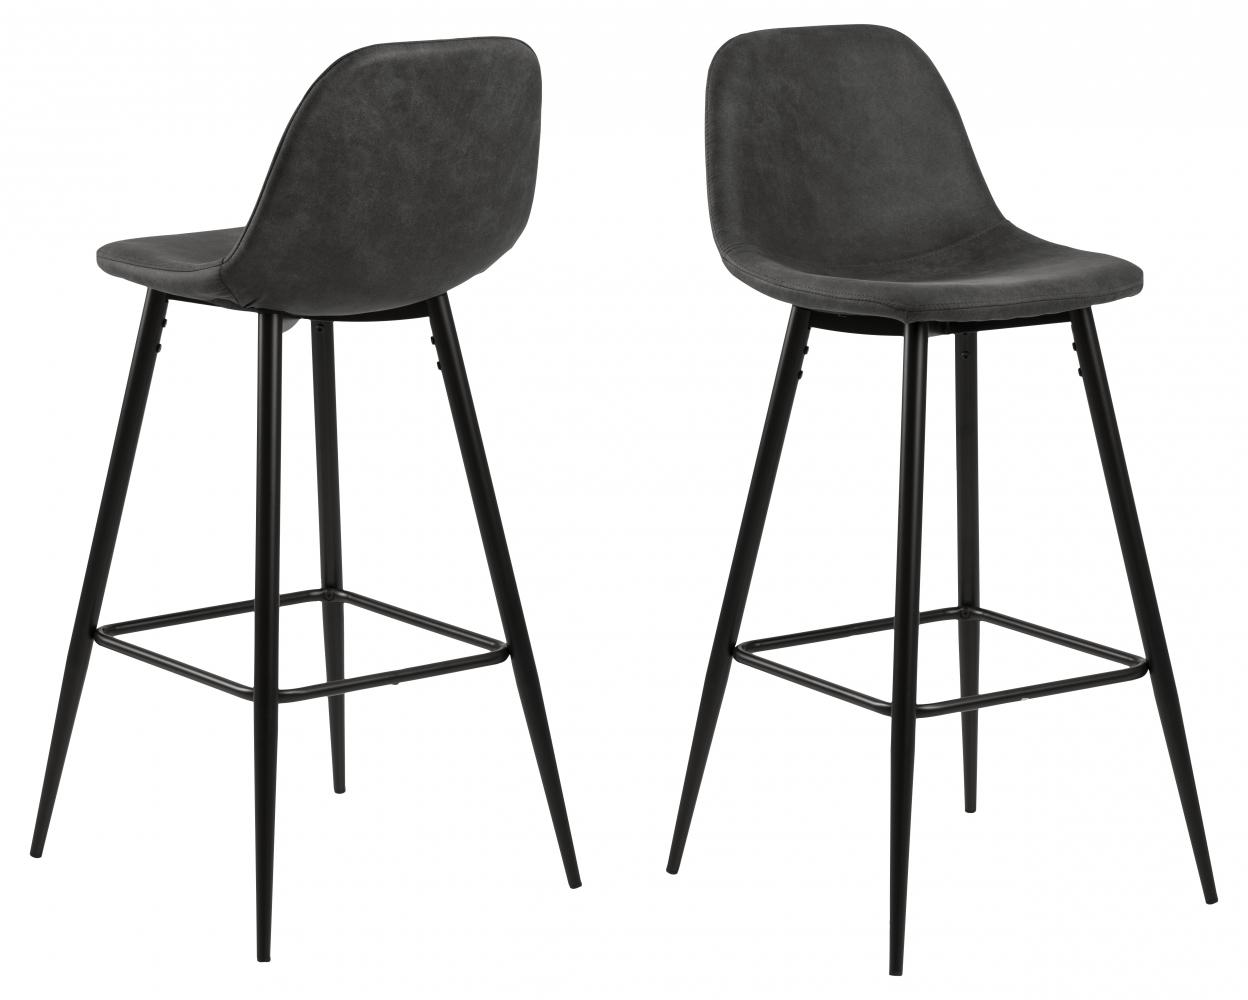 Barová židle Wanda (SET 2 ks), antracitová